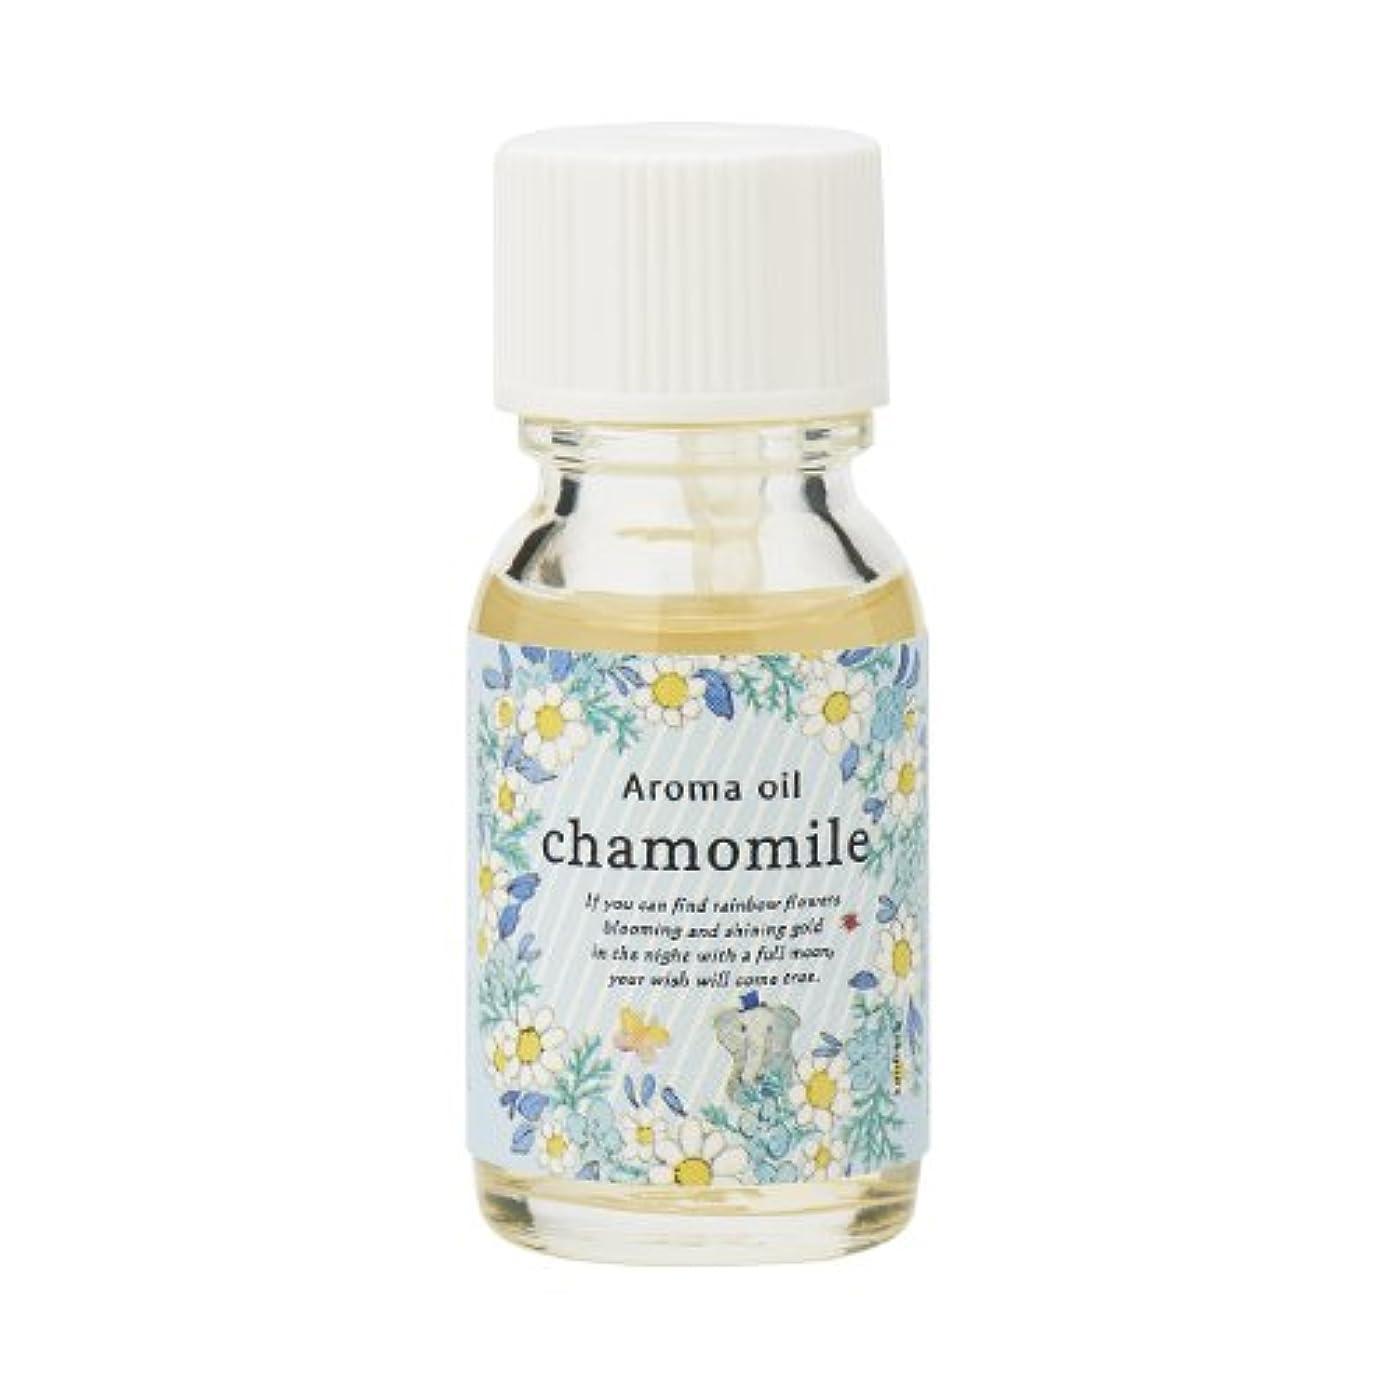 ビート植物学費やすサンハーブ アロマオイル カモマイル 13ml(やさしく穏やかな甘い香り)